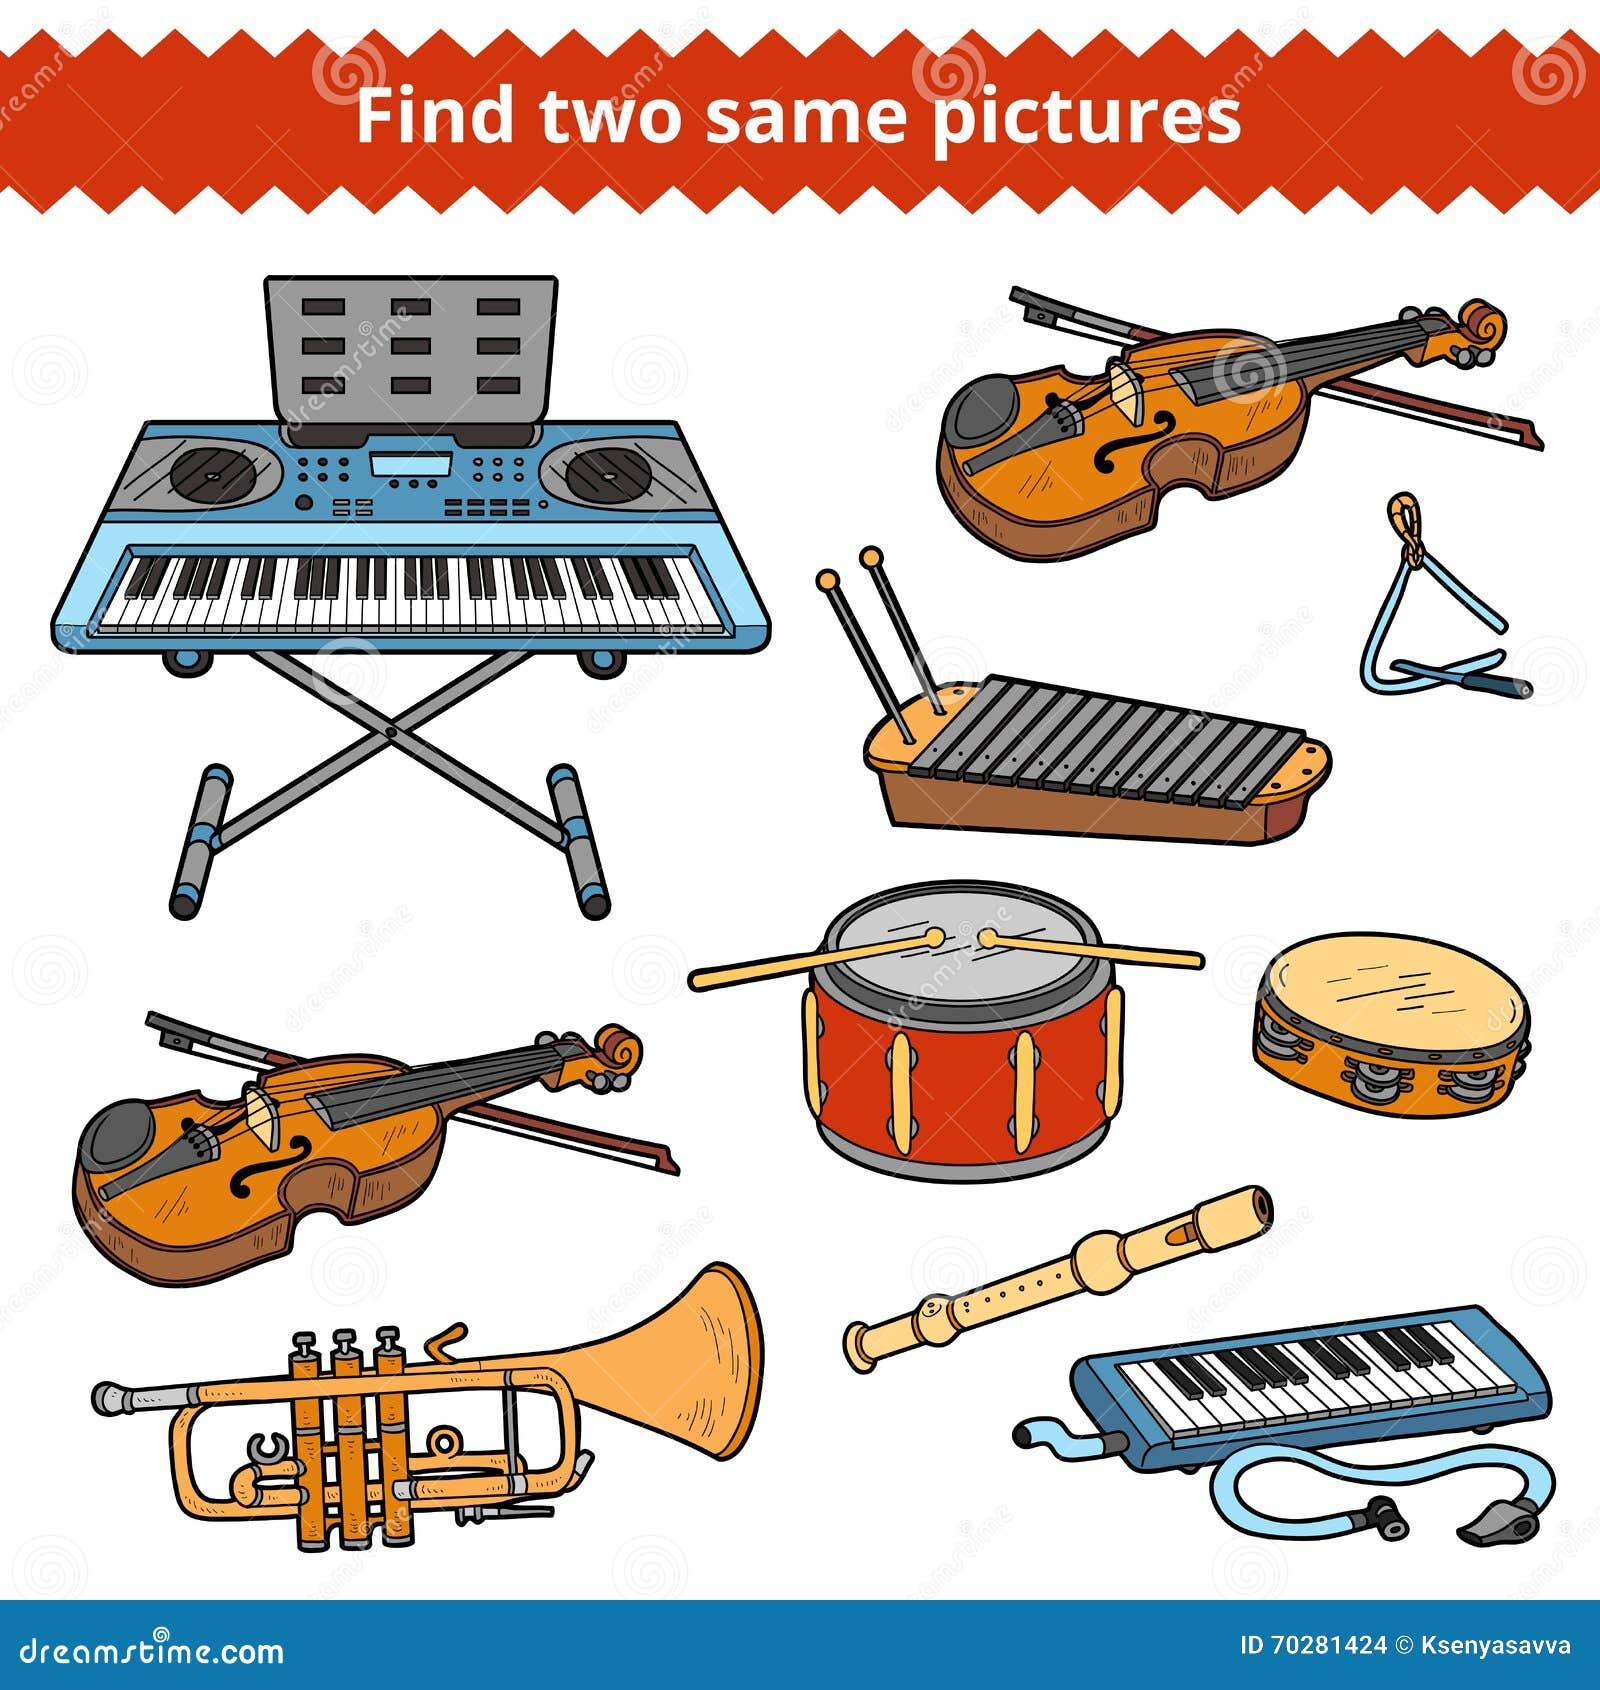 Znalezisko dwa to samo obrazki Wektorowy ustawiający instrumenty muzyczni